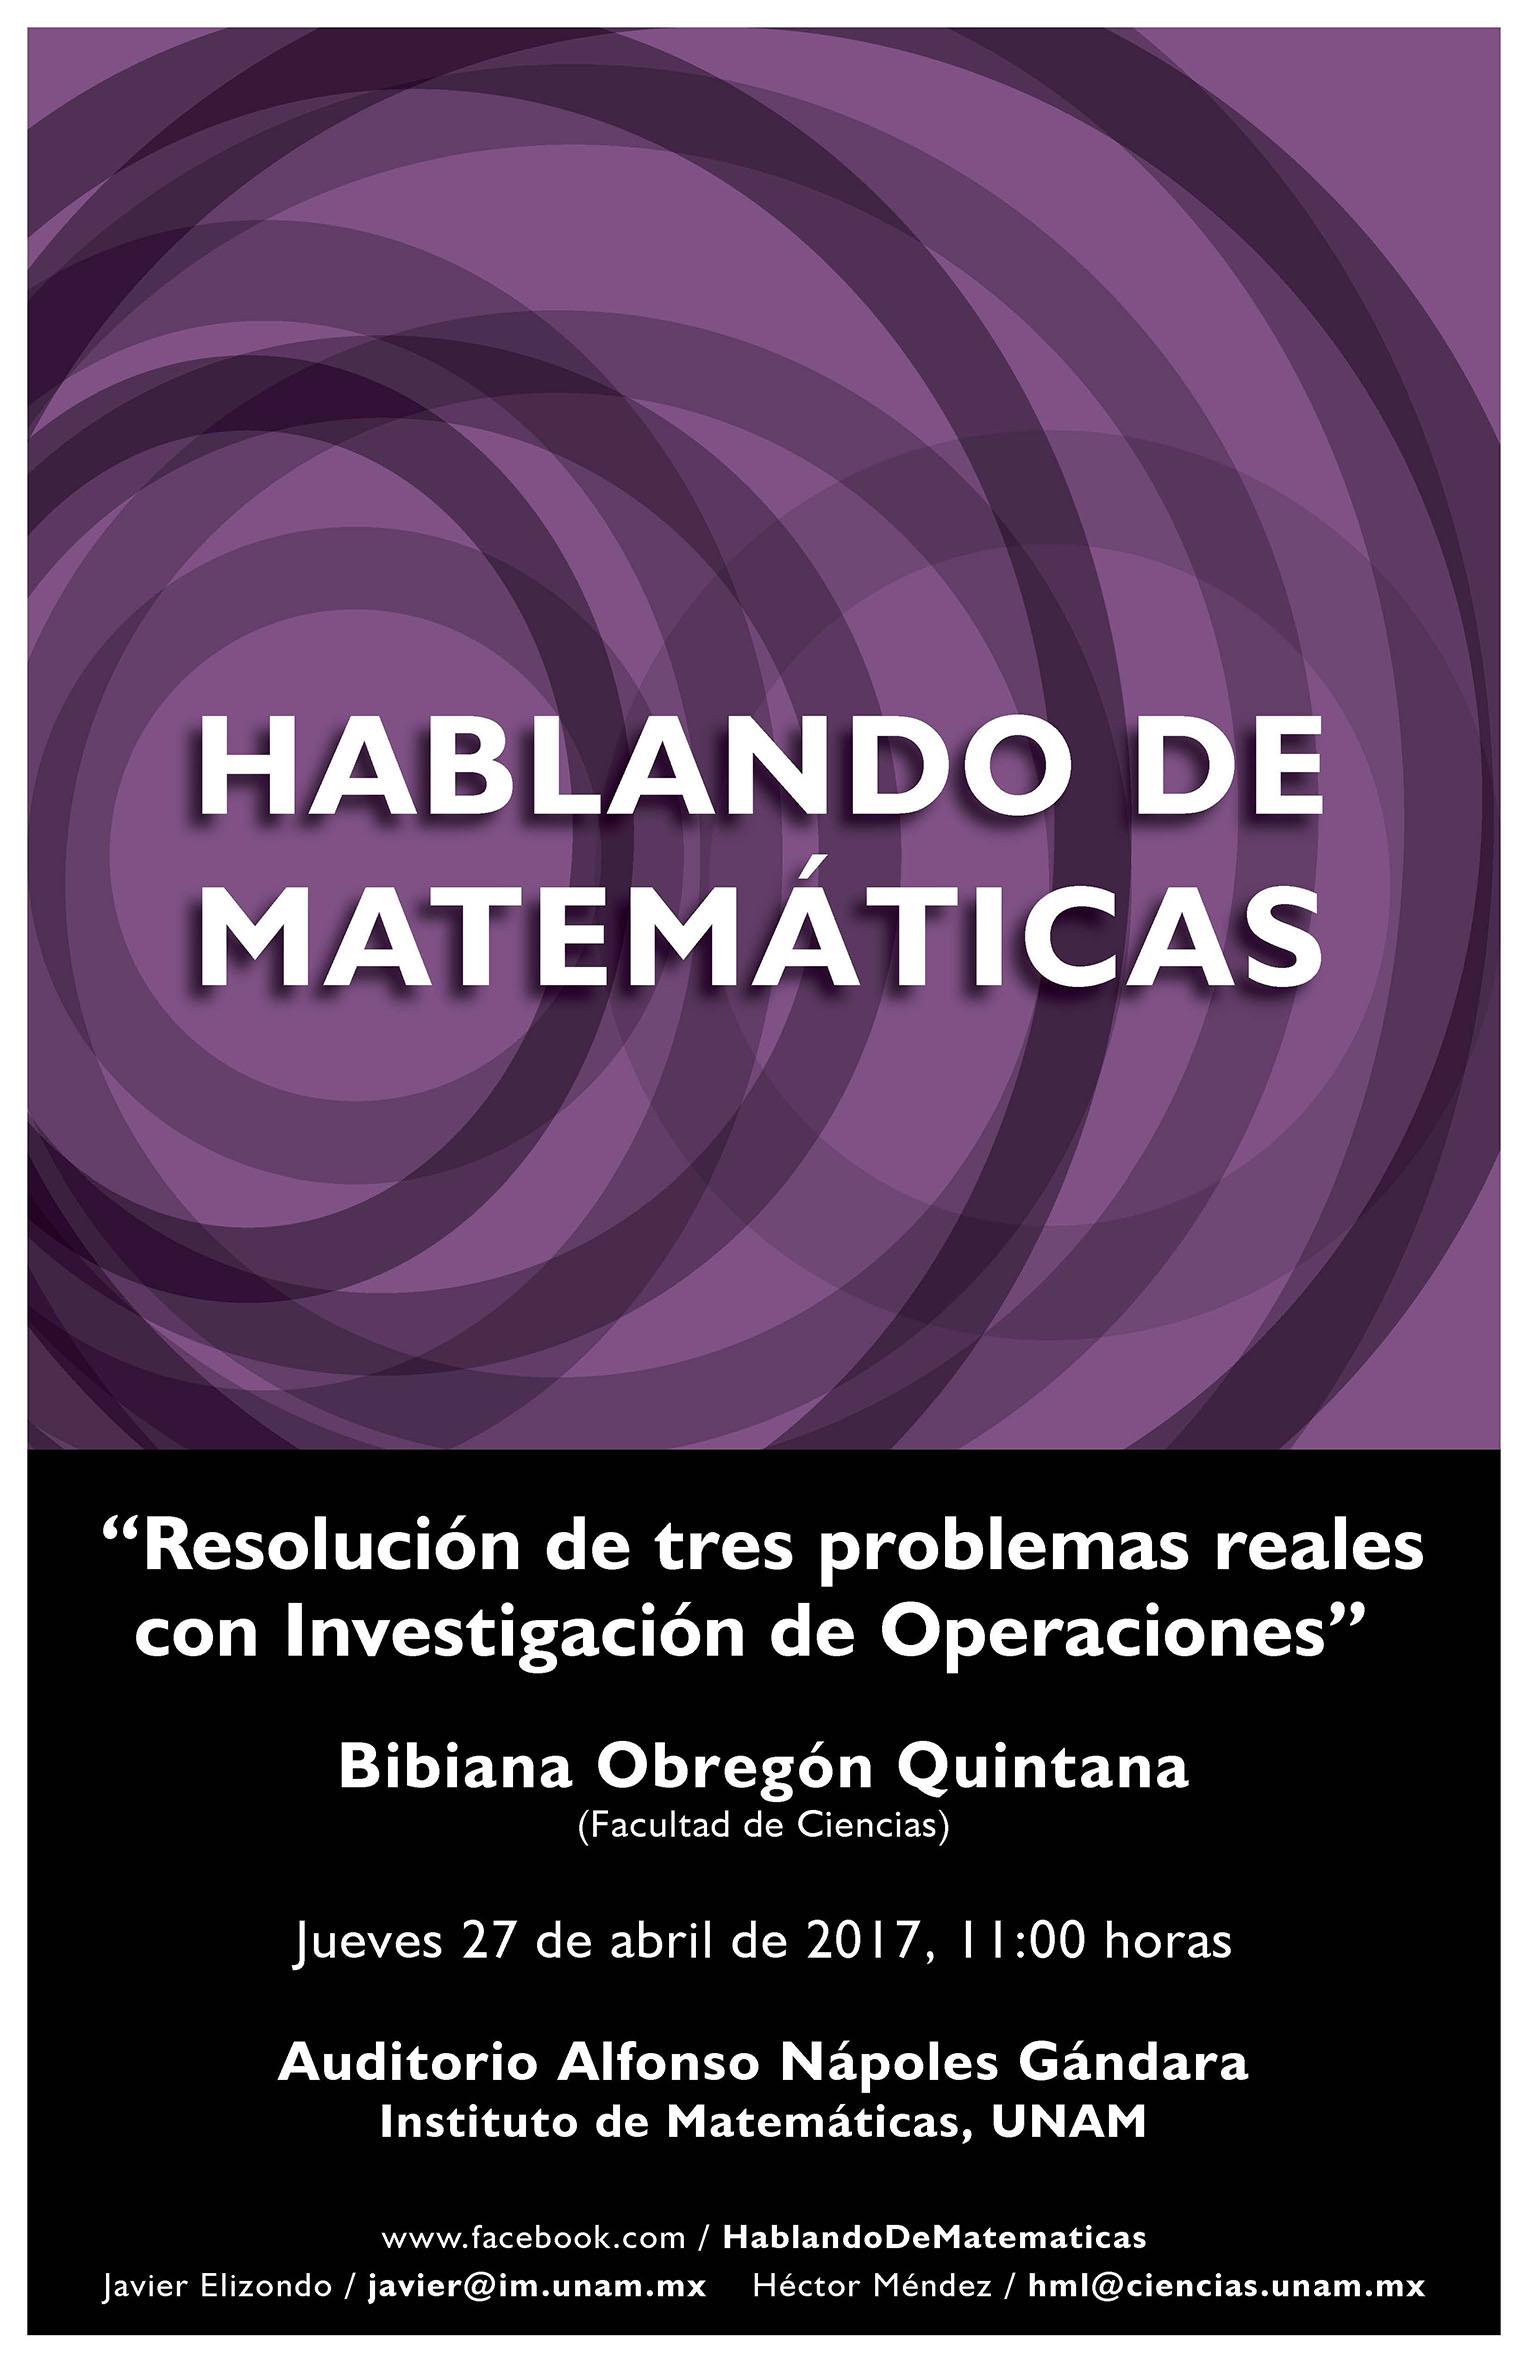 Hablando de Matemáticas: Bibiana Obregón Quintana, Facultad de Ciencias, UNAM